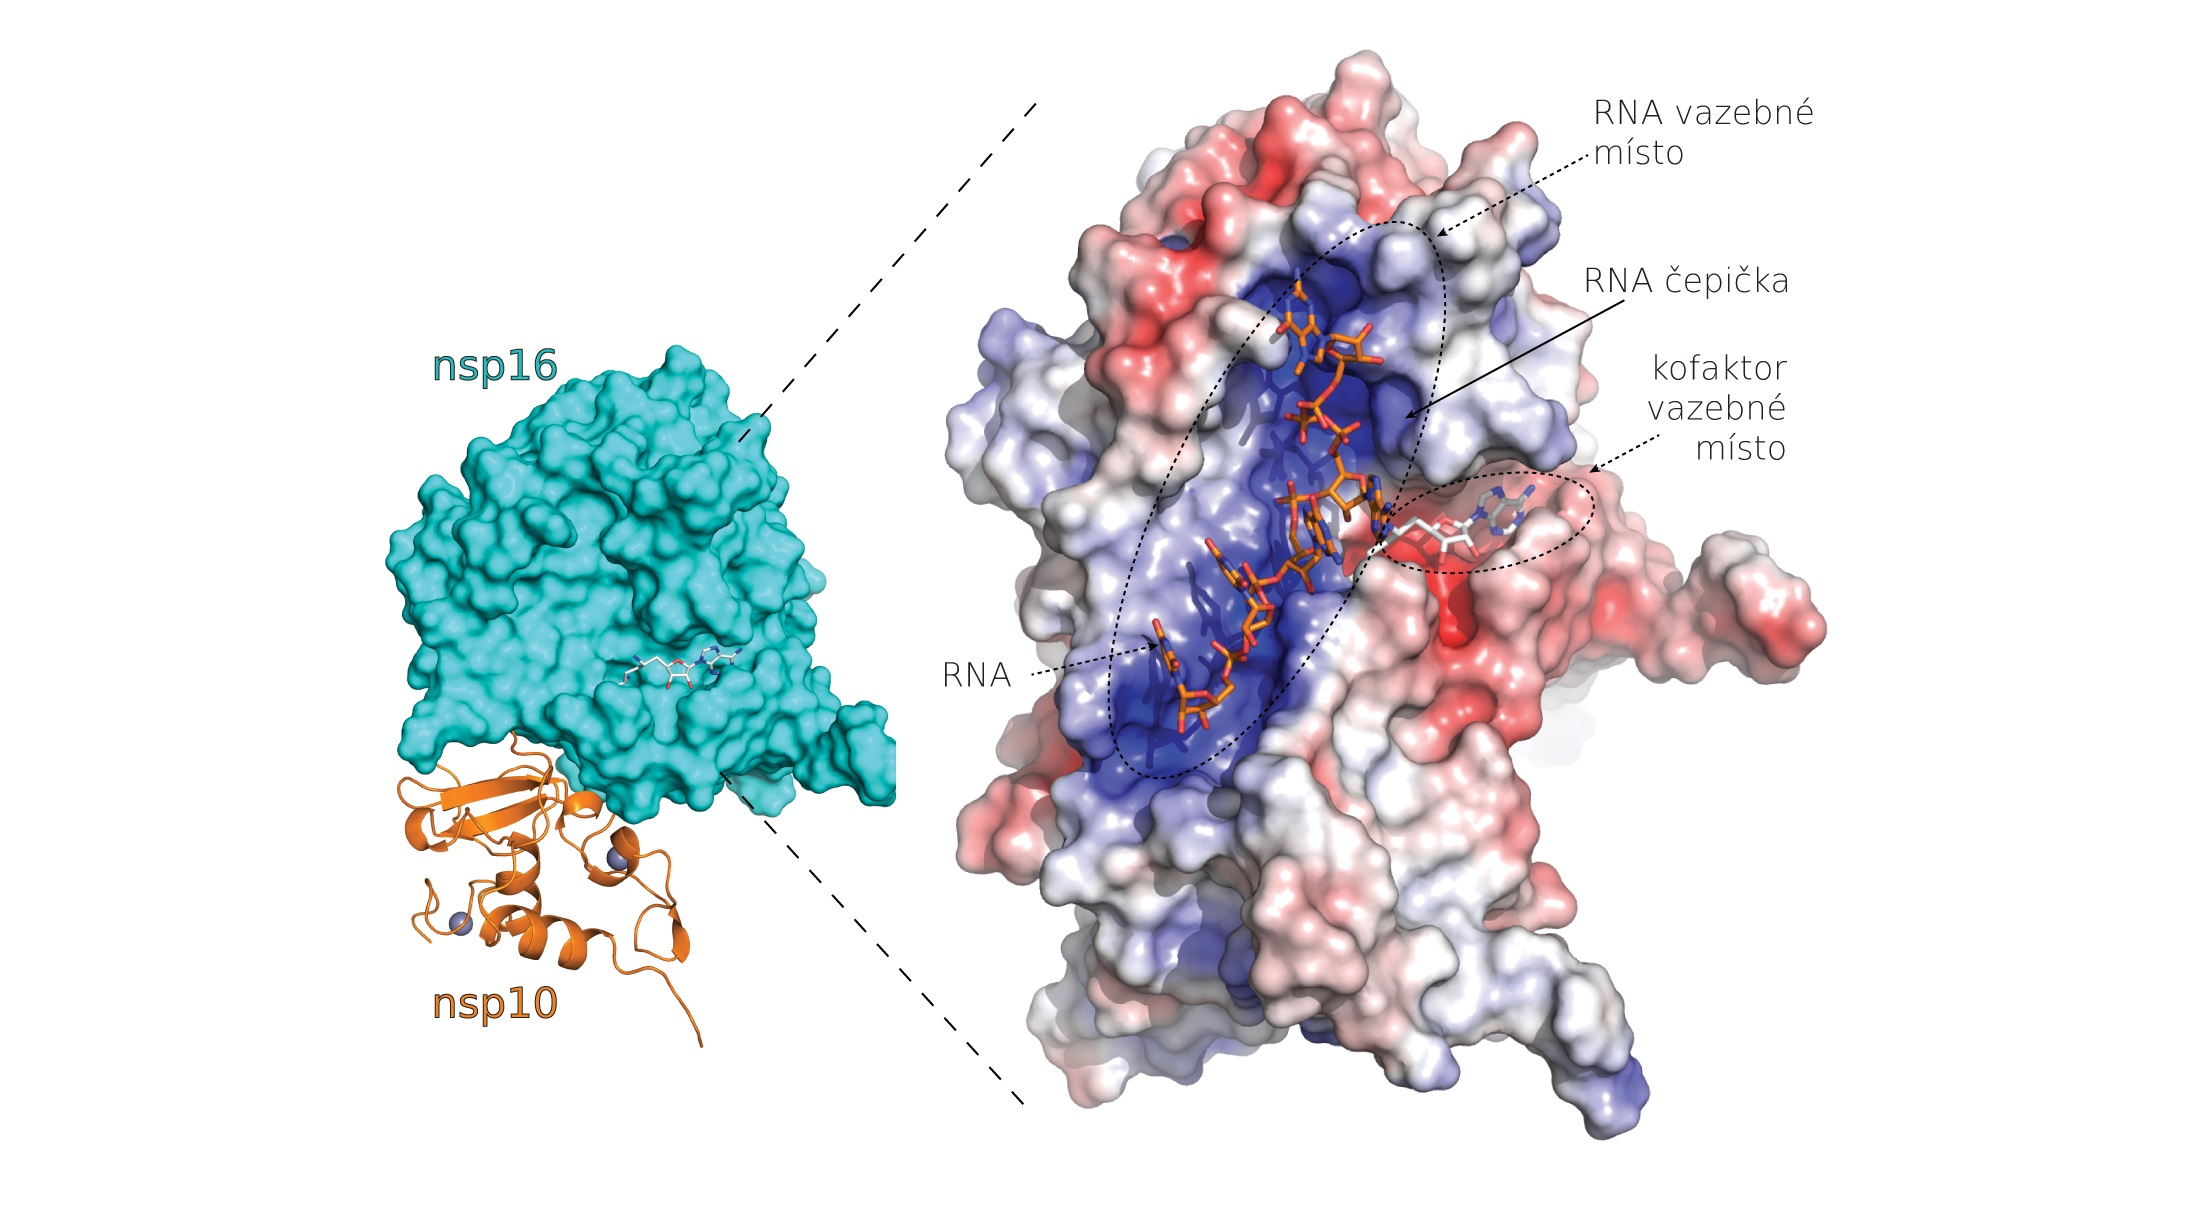 ÚOCHB/Petra Krafčíková: Vědci popsali strukturu proteinů nového koronaviru vhodných pro návrh nových léků